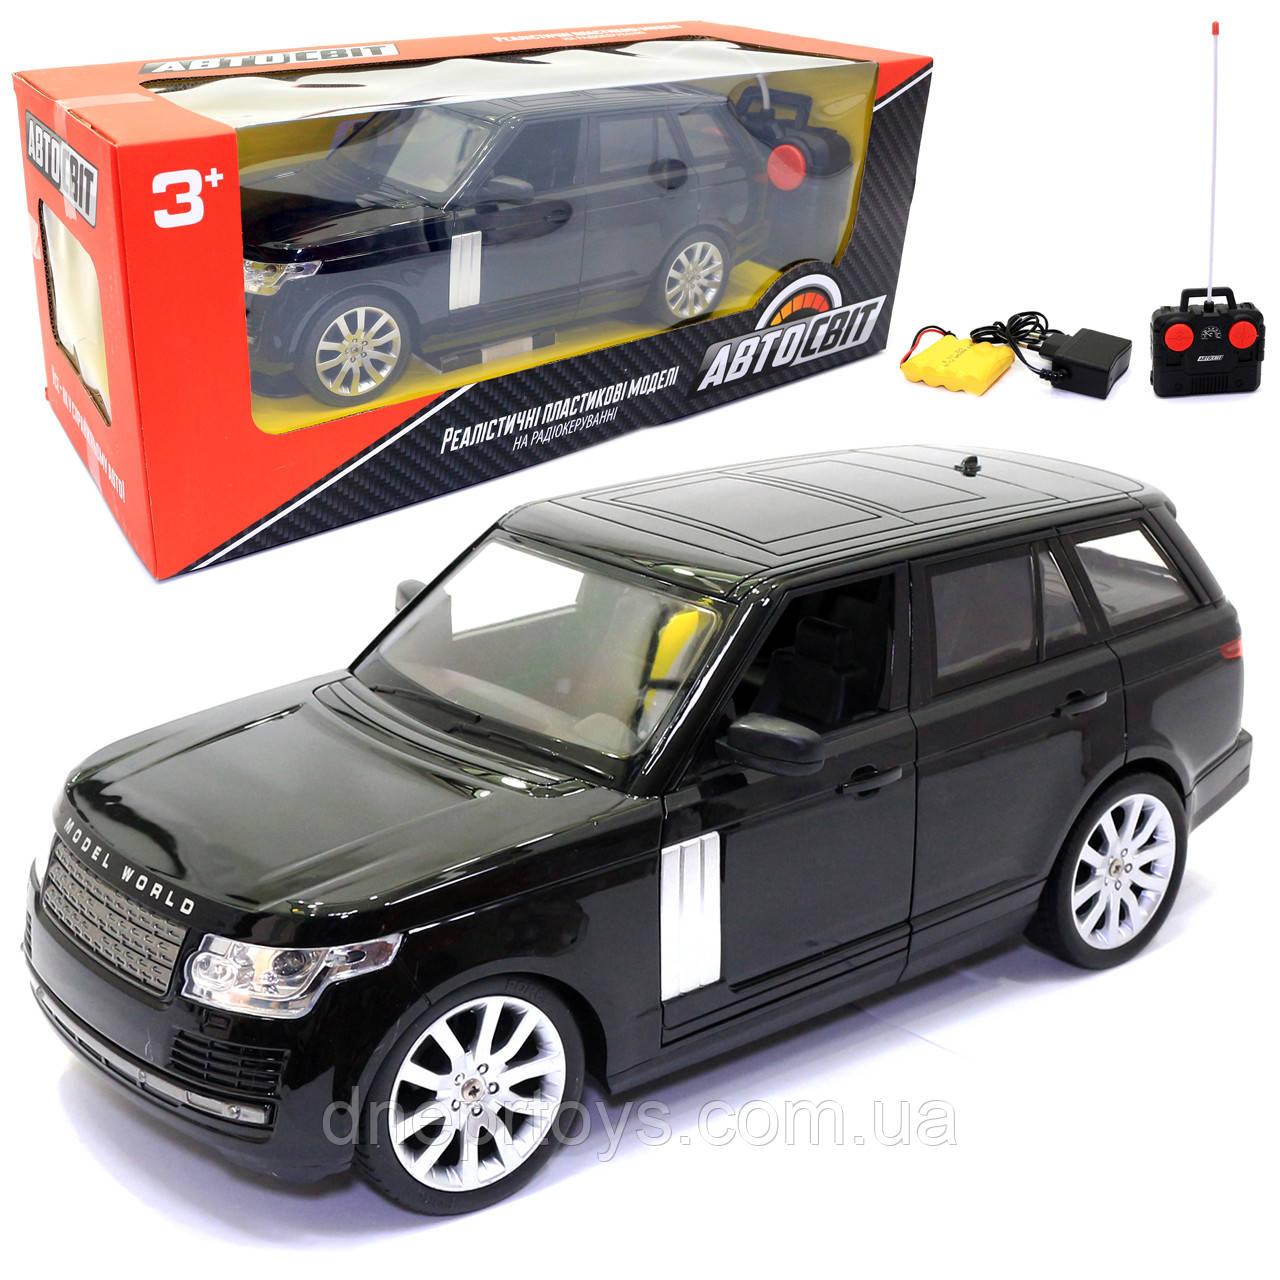 Іграшкова машинка на радіоуправлінні АвтоСвіт «Range Rover» чорний, світло, звук 31*12*13 см (AS-1837)